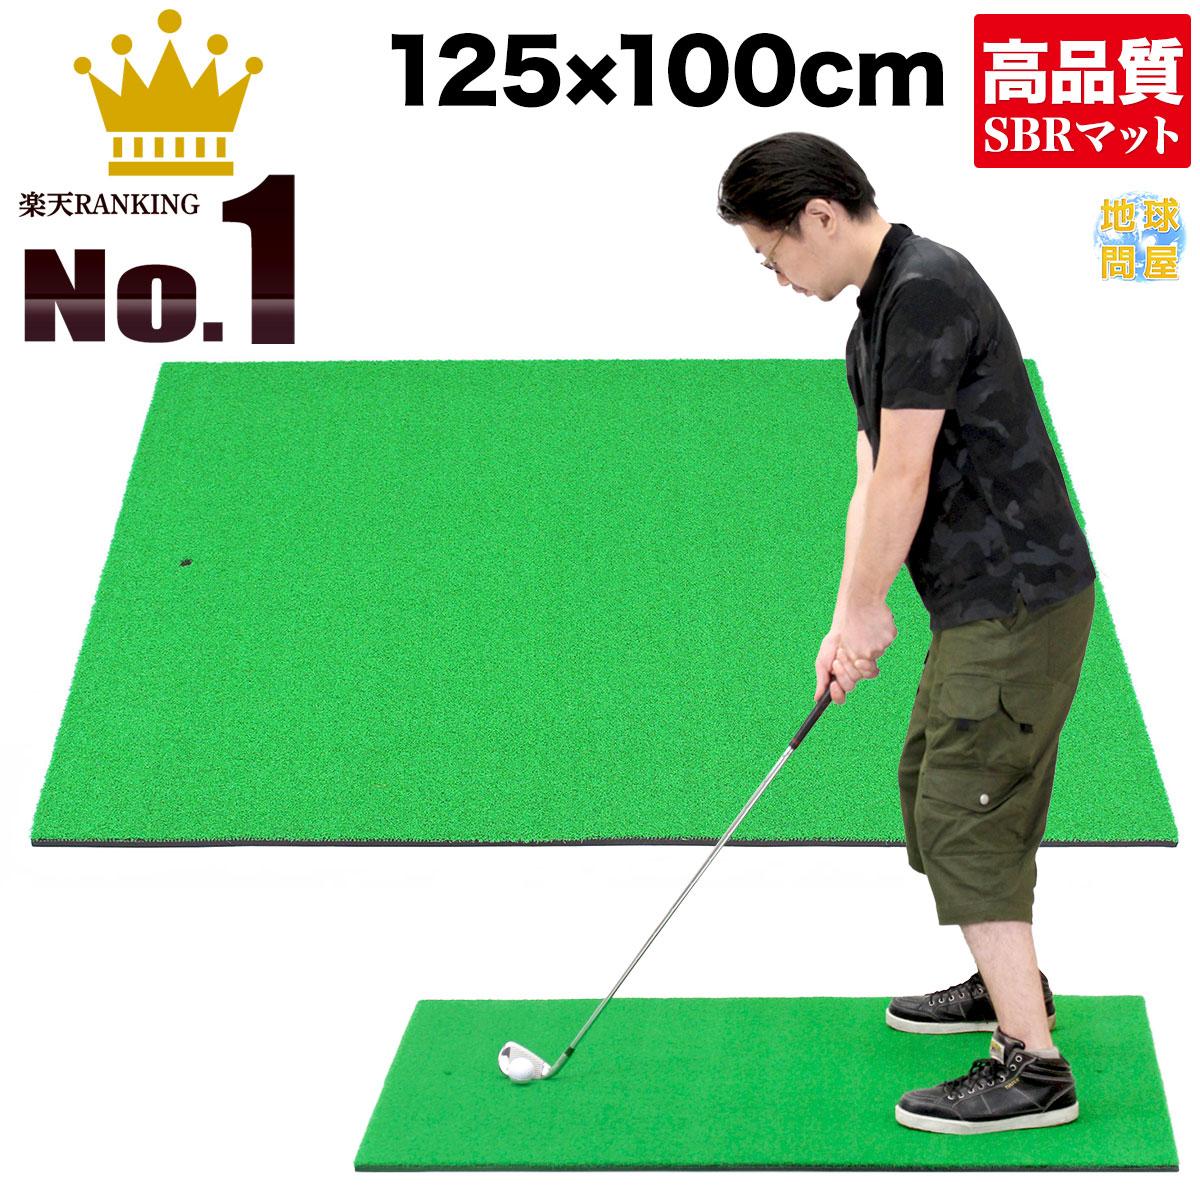 大型ゴルフ練習用ショットマット リアルな人工芝の下にSBRクッション層があるので 本物の質感に近い感覚を再現 よりラウンドに近い練習が楽しめます ゴルフ 練習 マット SBR 爆売りセール開催中 買収 単品 100×125cm スイング 人工芝 大型